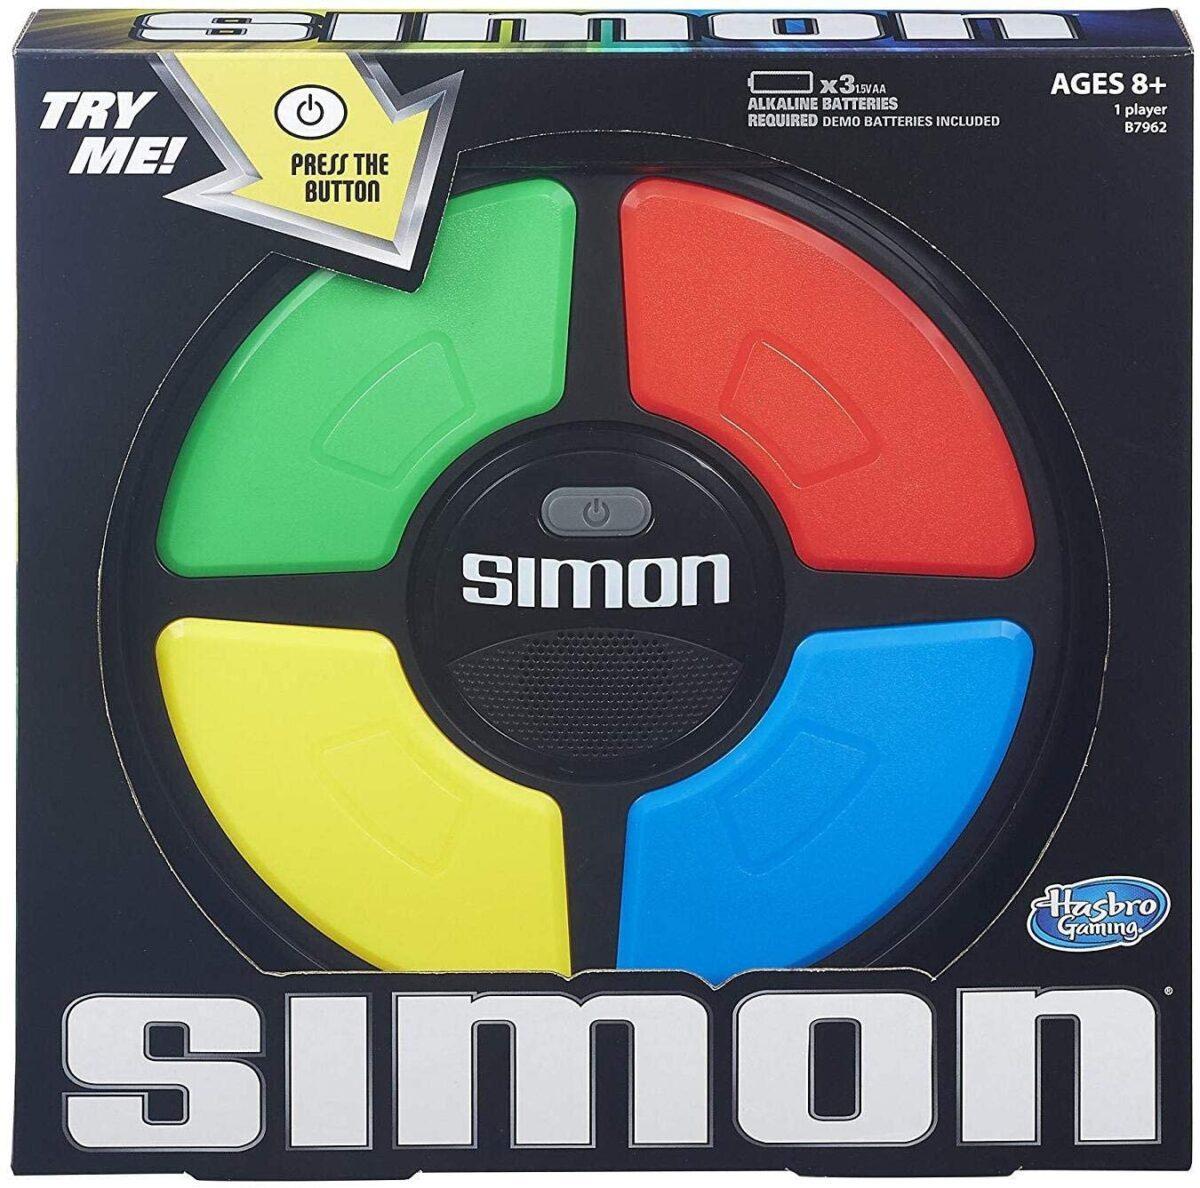 simon retro game